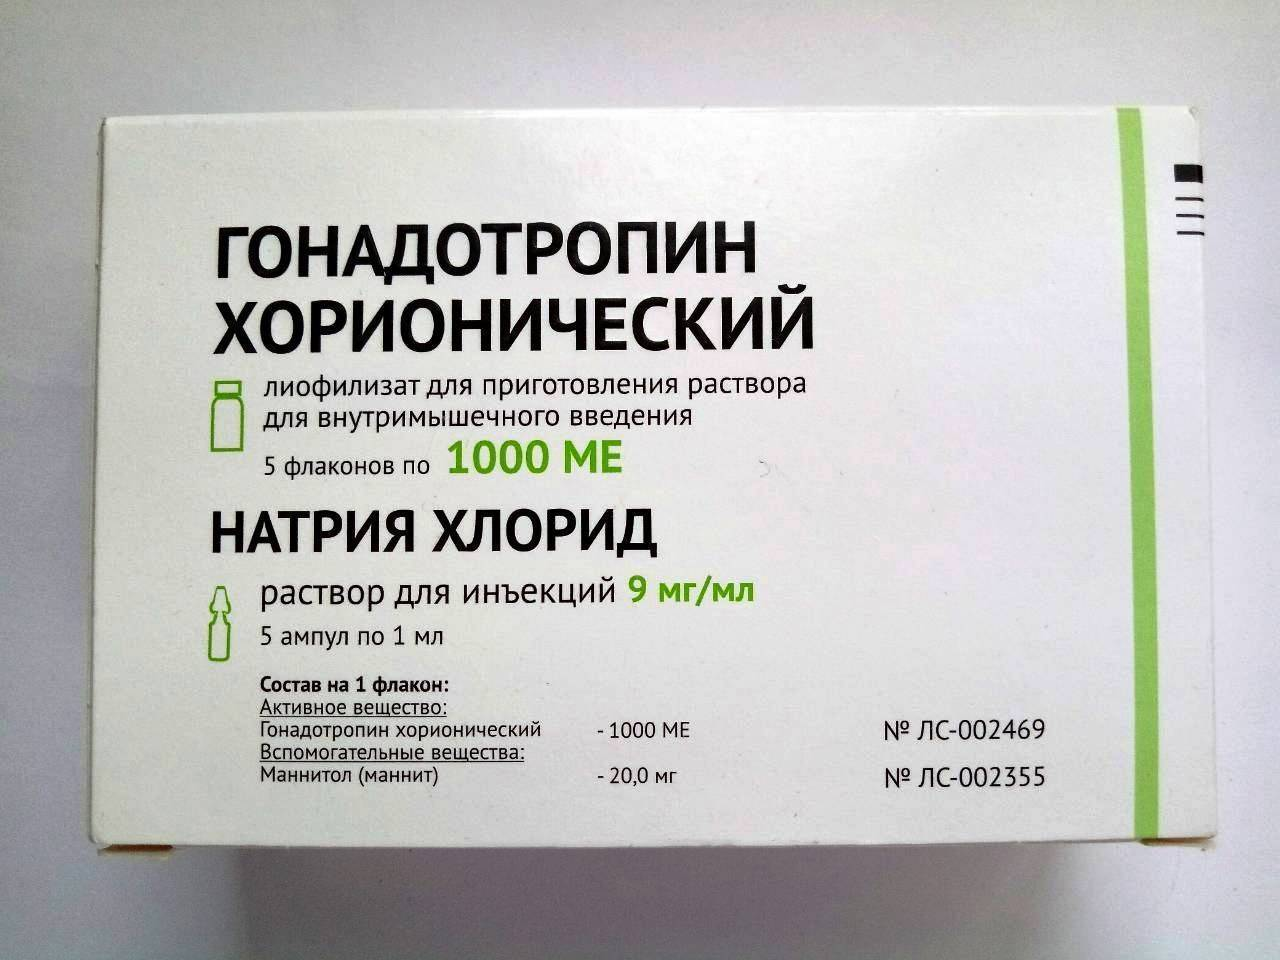 Гонадотропин хорионический мужчинам сколько держится эффект. хгч у мужчин: что такое гонадотропин хорионический